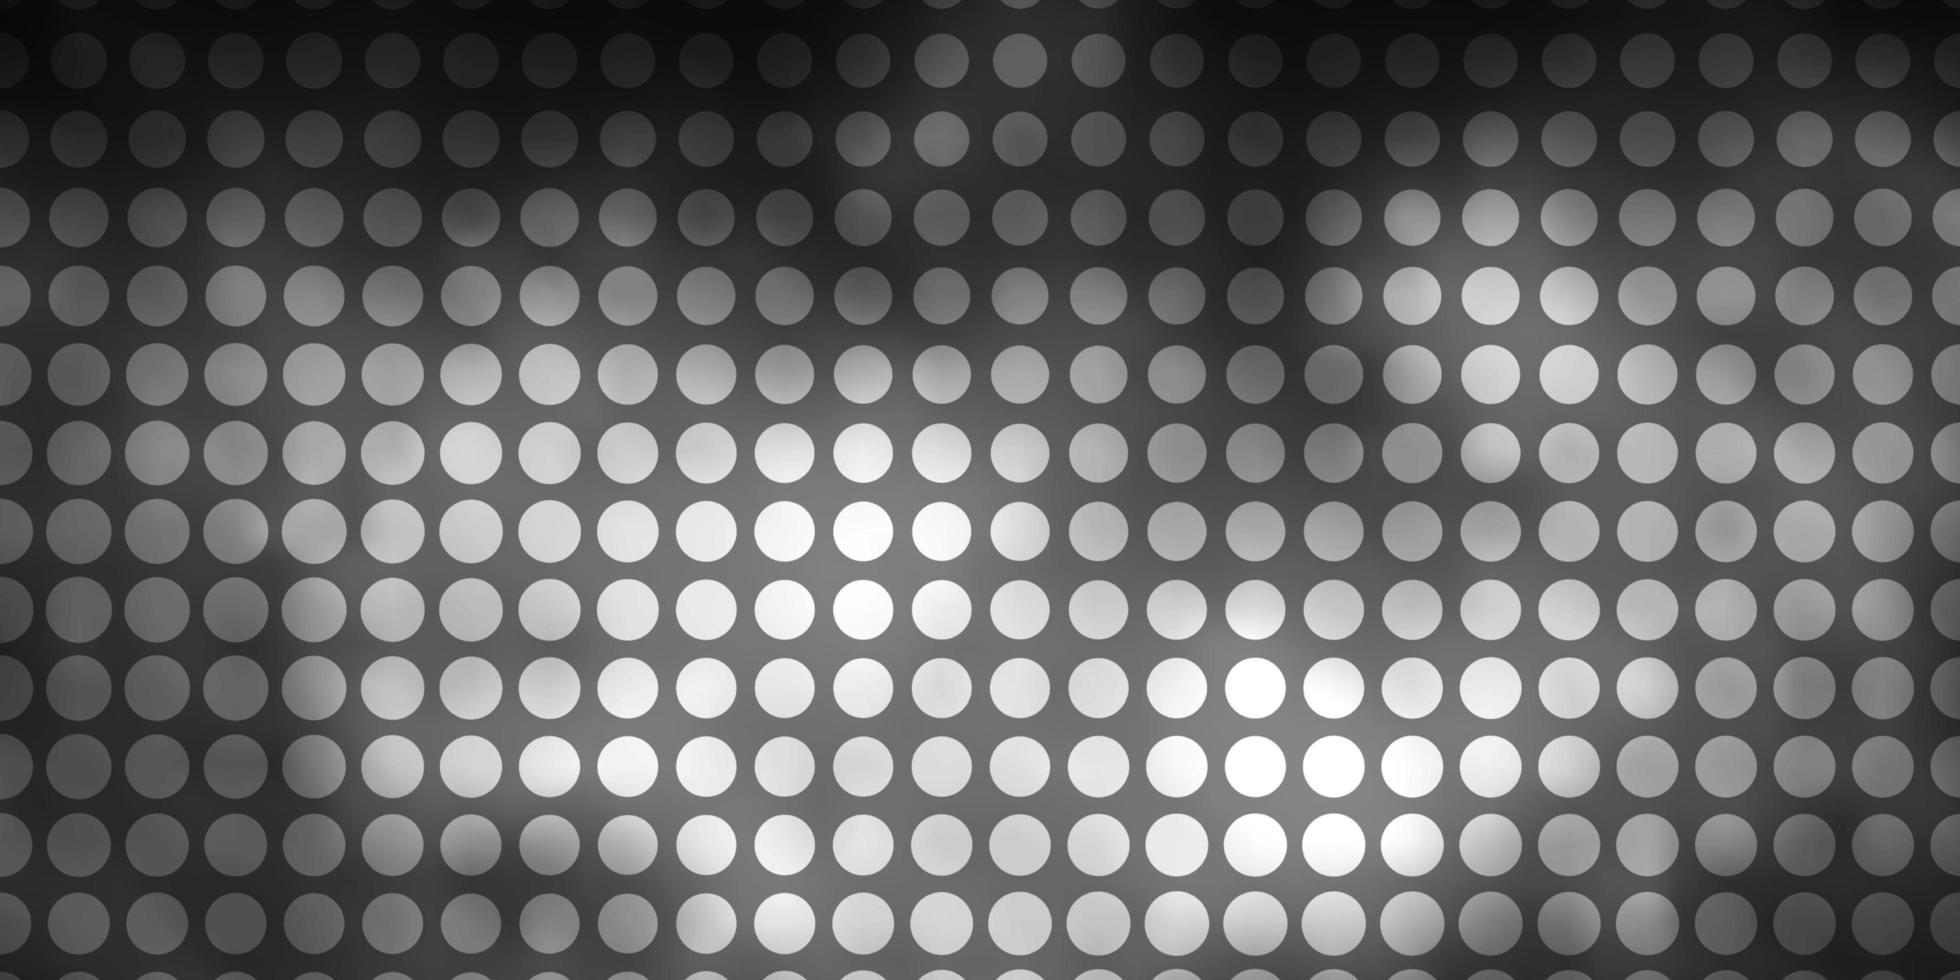 hellgrauer Vektorhintergrund mit Kreisen. vektor